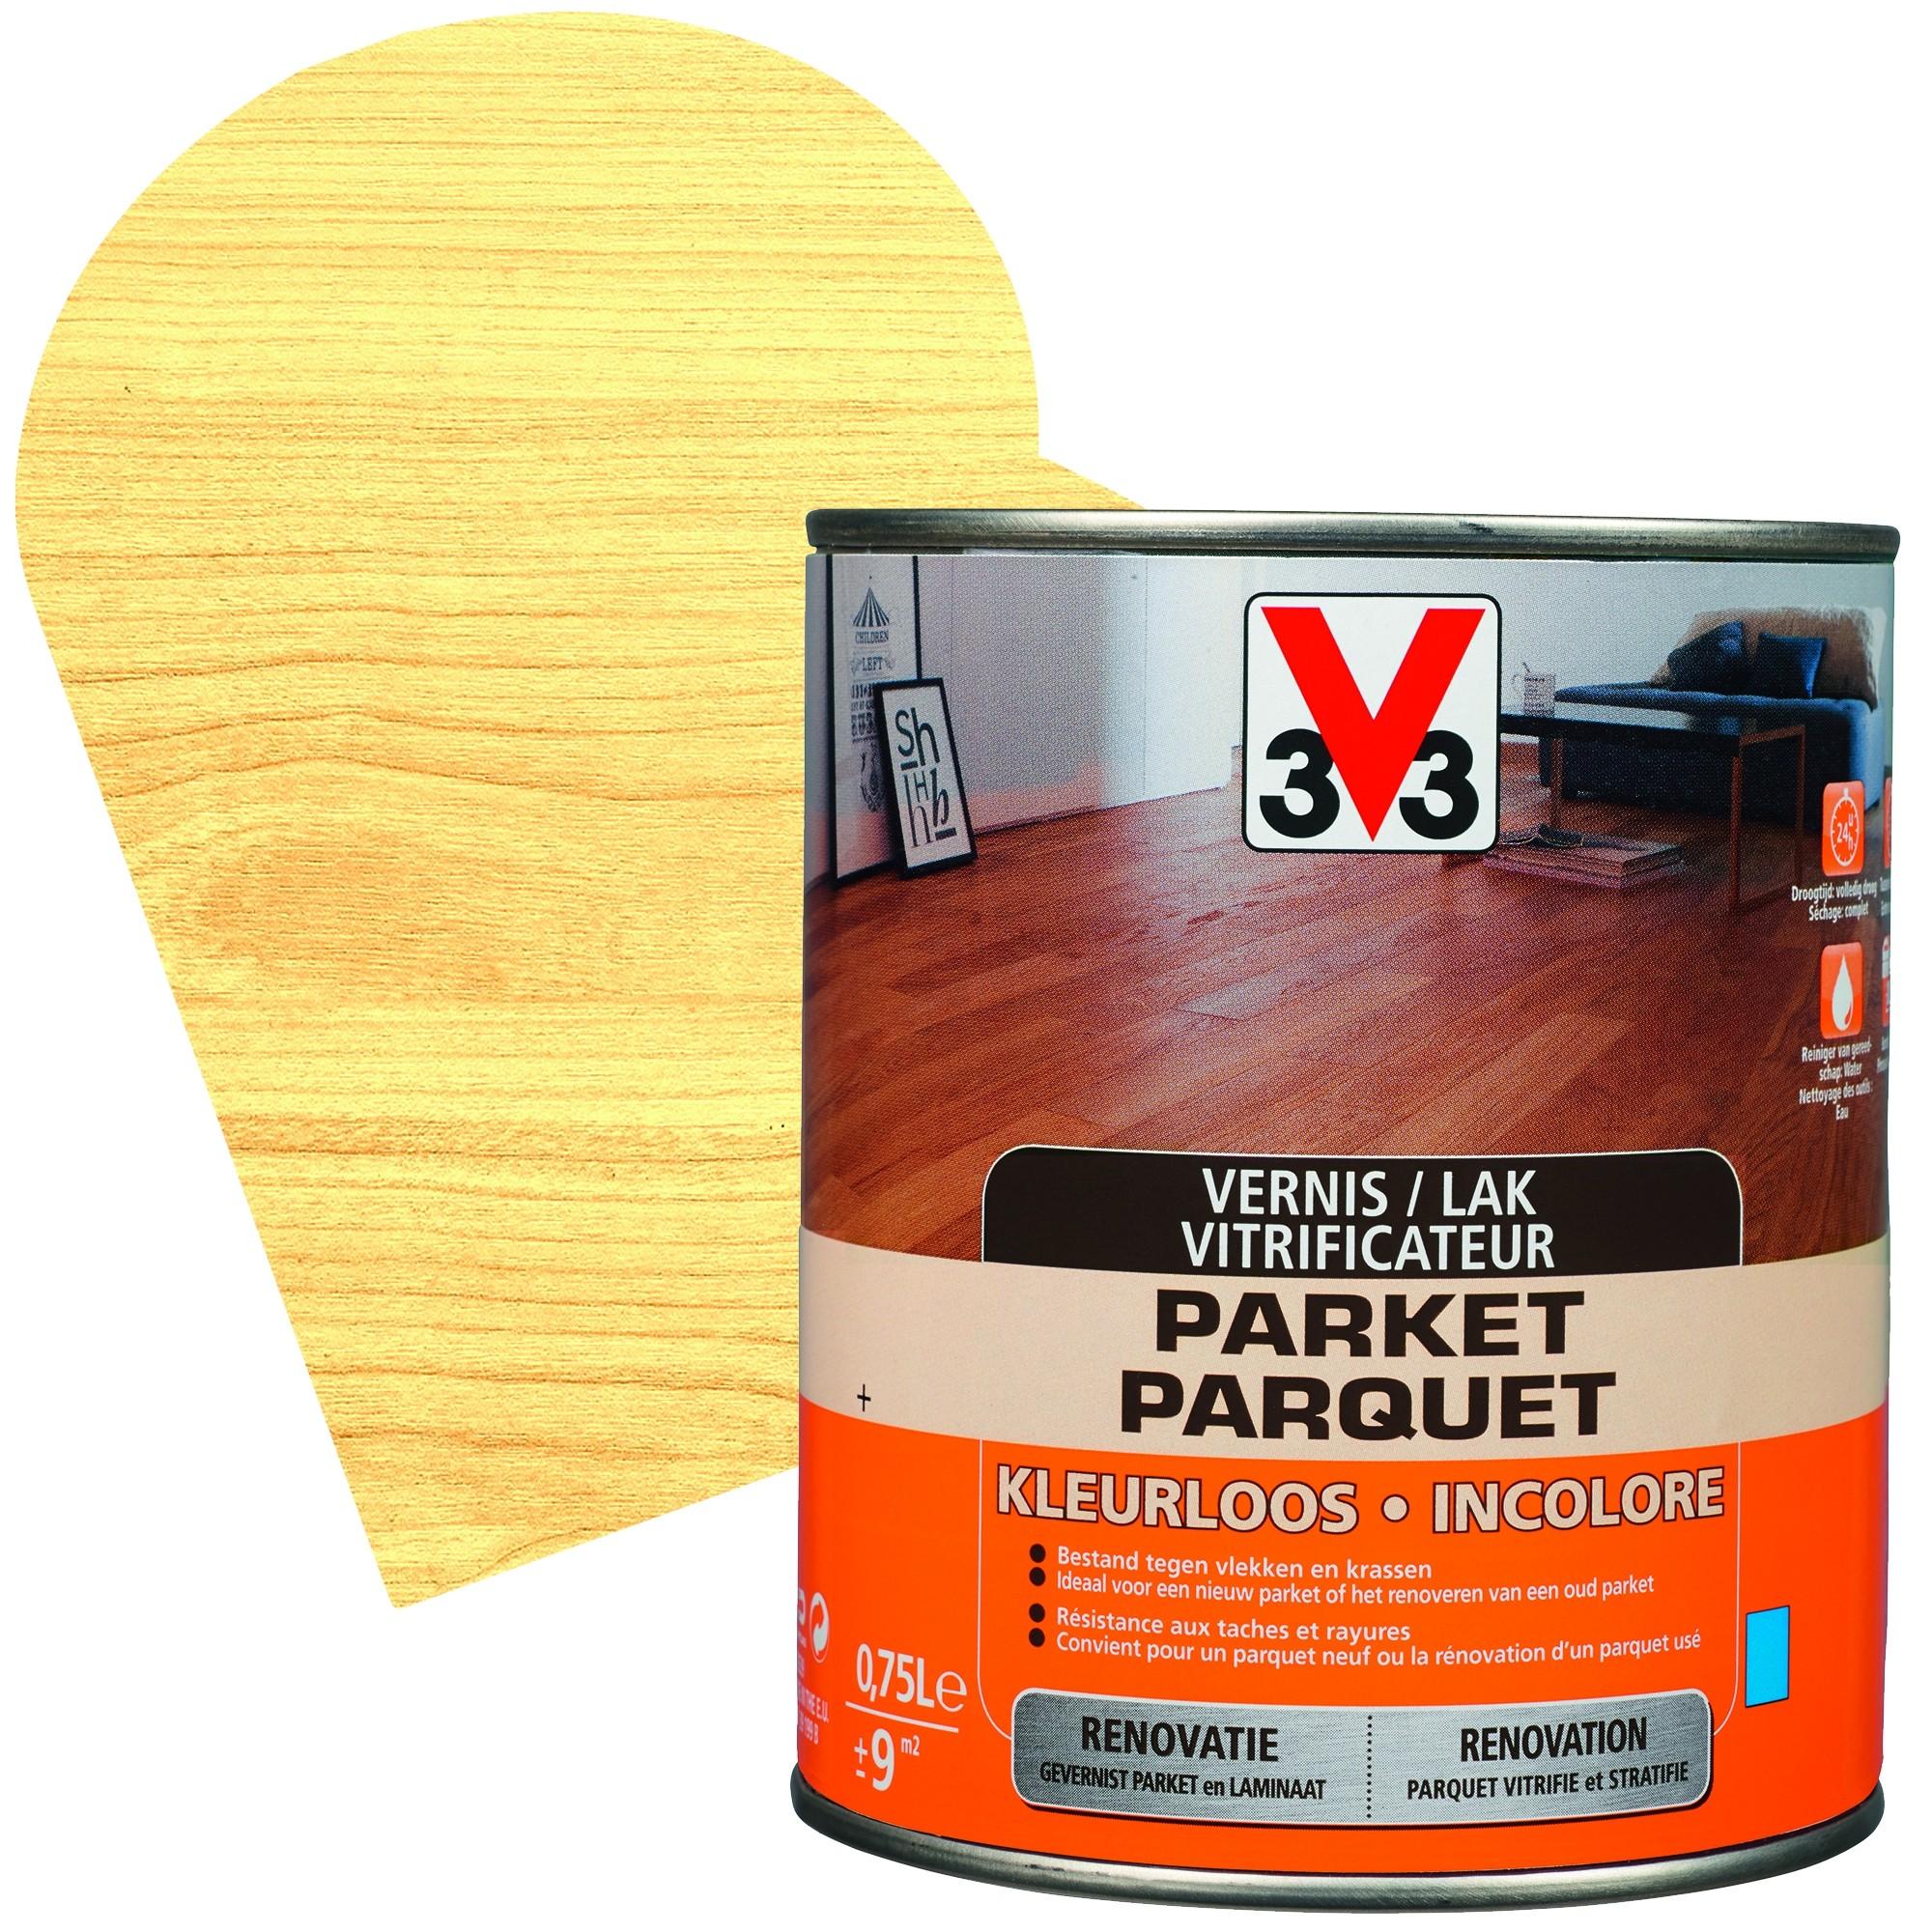 Vernis Ou Vitrificateur Sur Un Meuble Peint vitrificateur parquet incolore - mr.bricolage